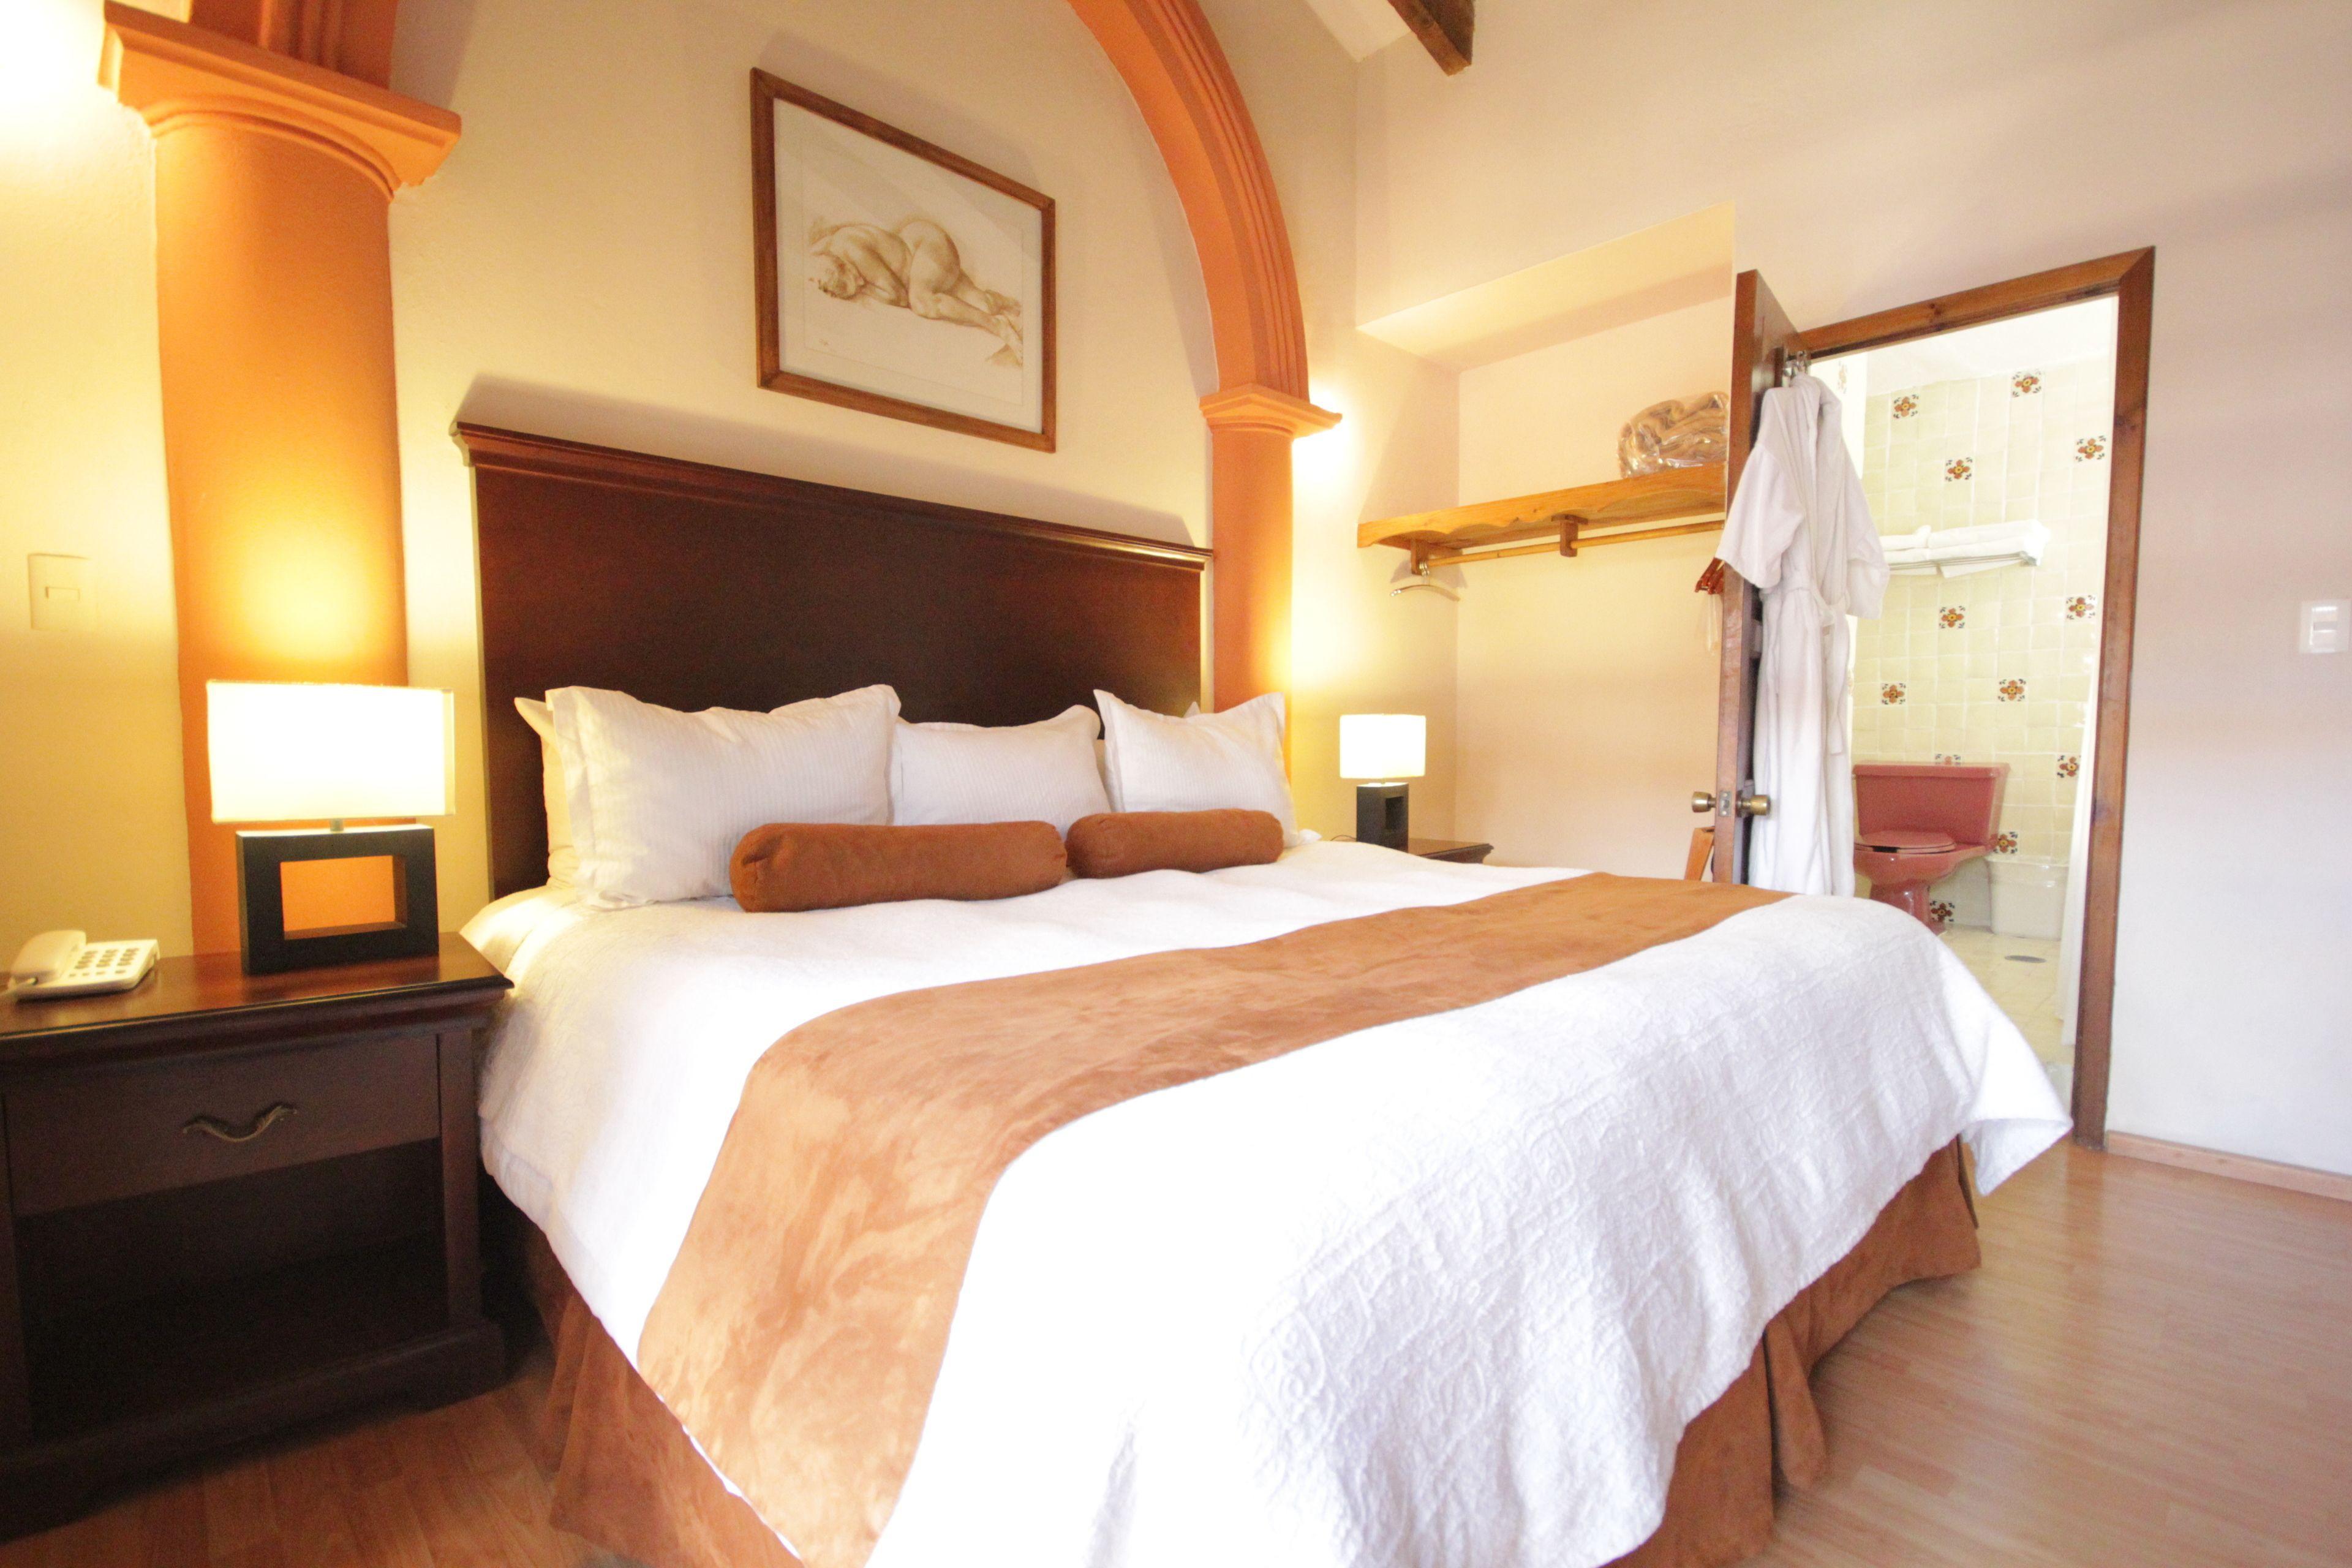 Courtesy of Casa Mexicana Hotel / Expedia